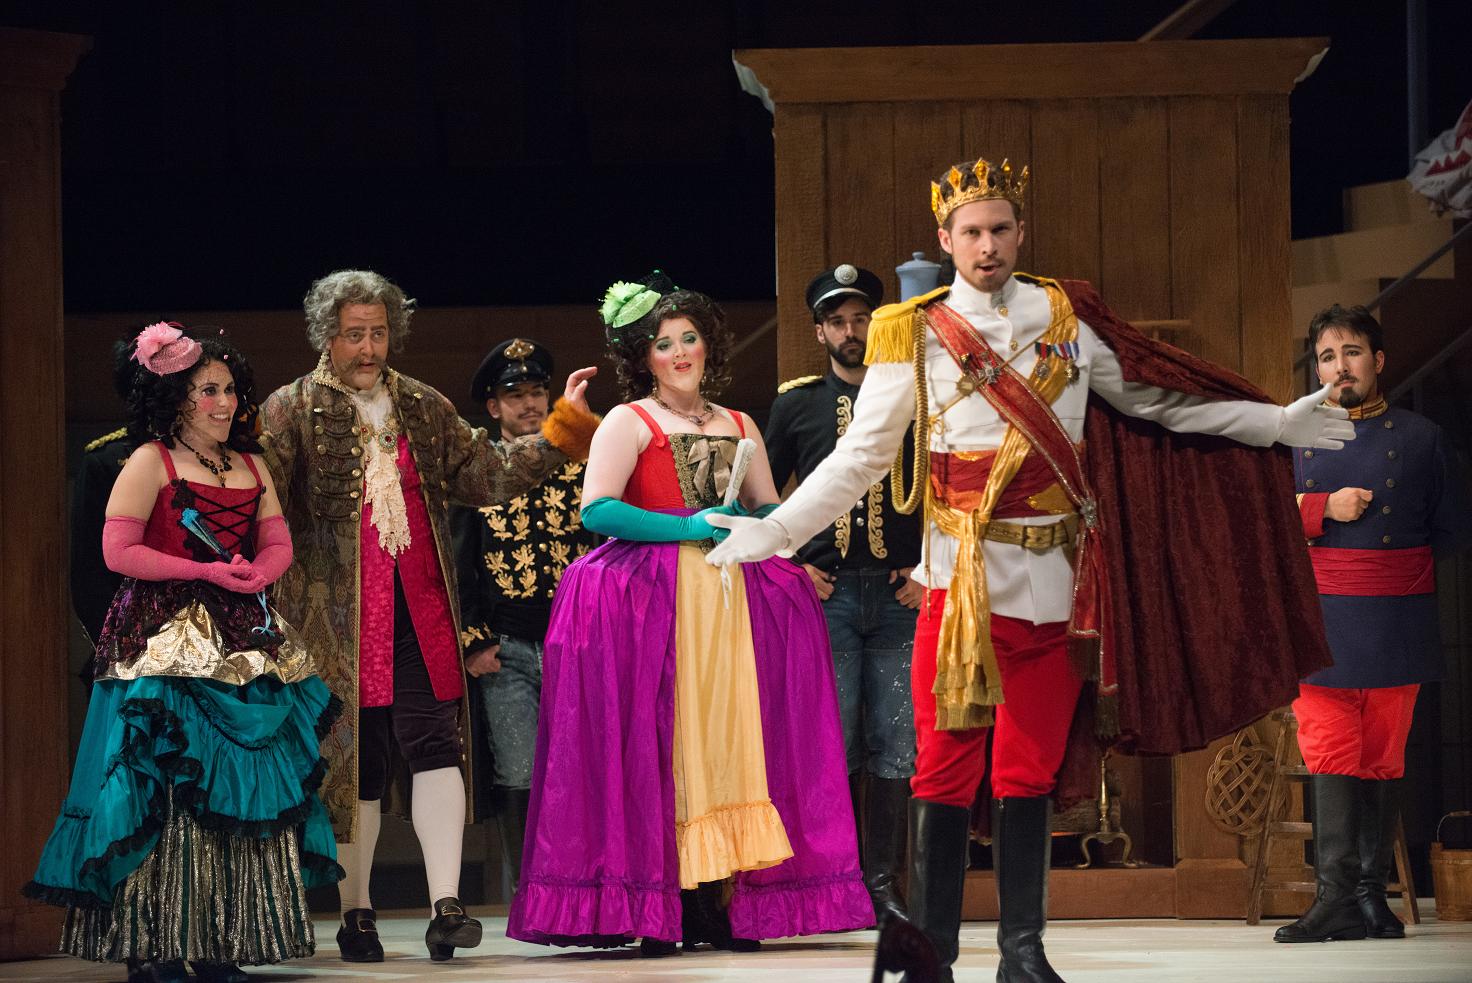 La cenerentola - Merola Opera Program © Kristen Loken